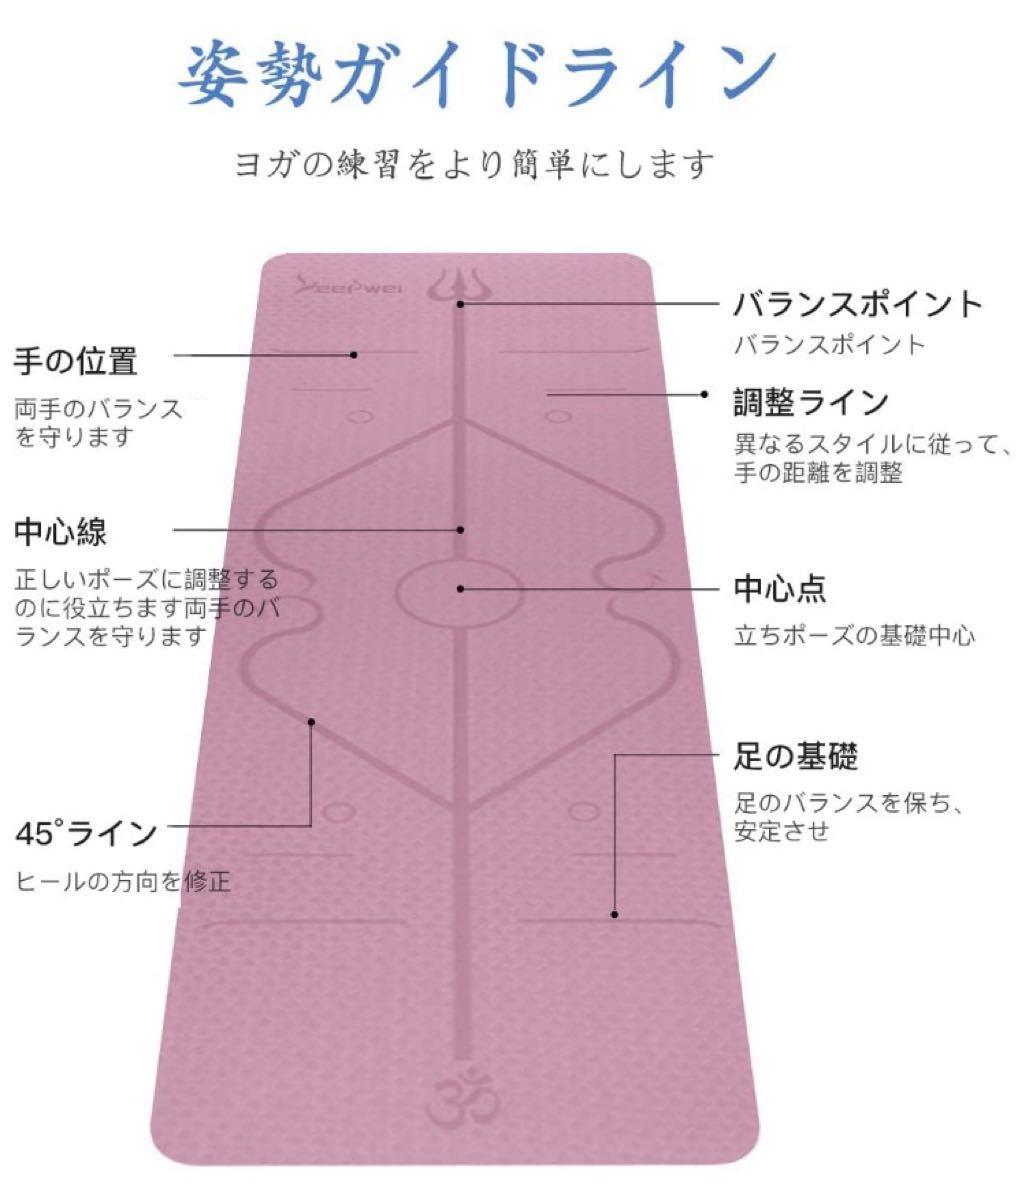 【2020最新版 ガイドライン付き】ヨガマット 6mm エクササイズマット